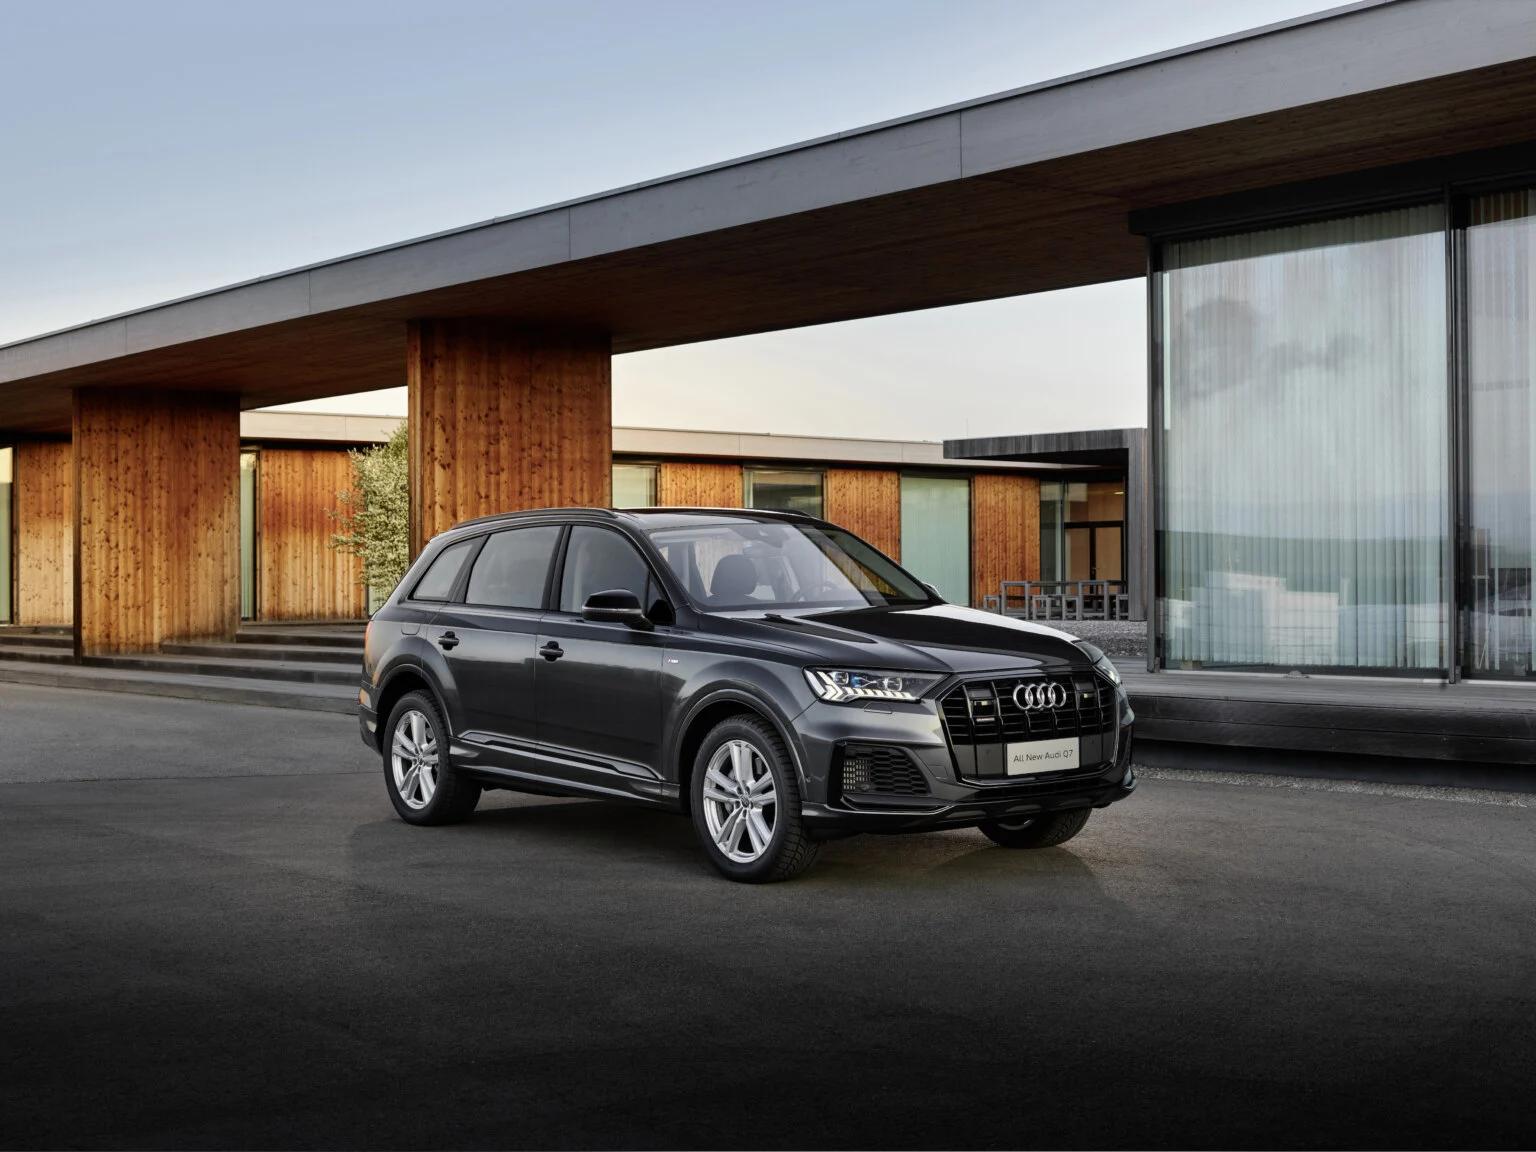 Стоит ли брать в аренду Audi Q7 в Дубае — все плюсы и минусы кроссовера